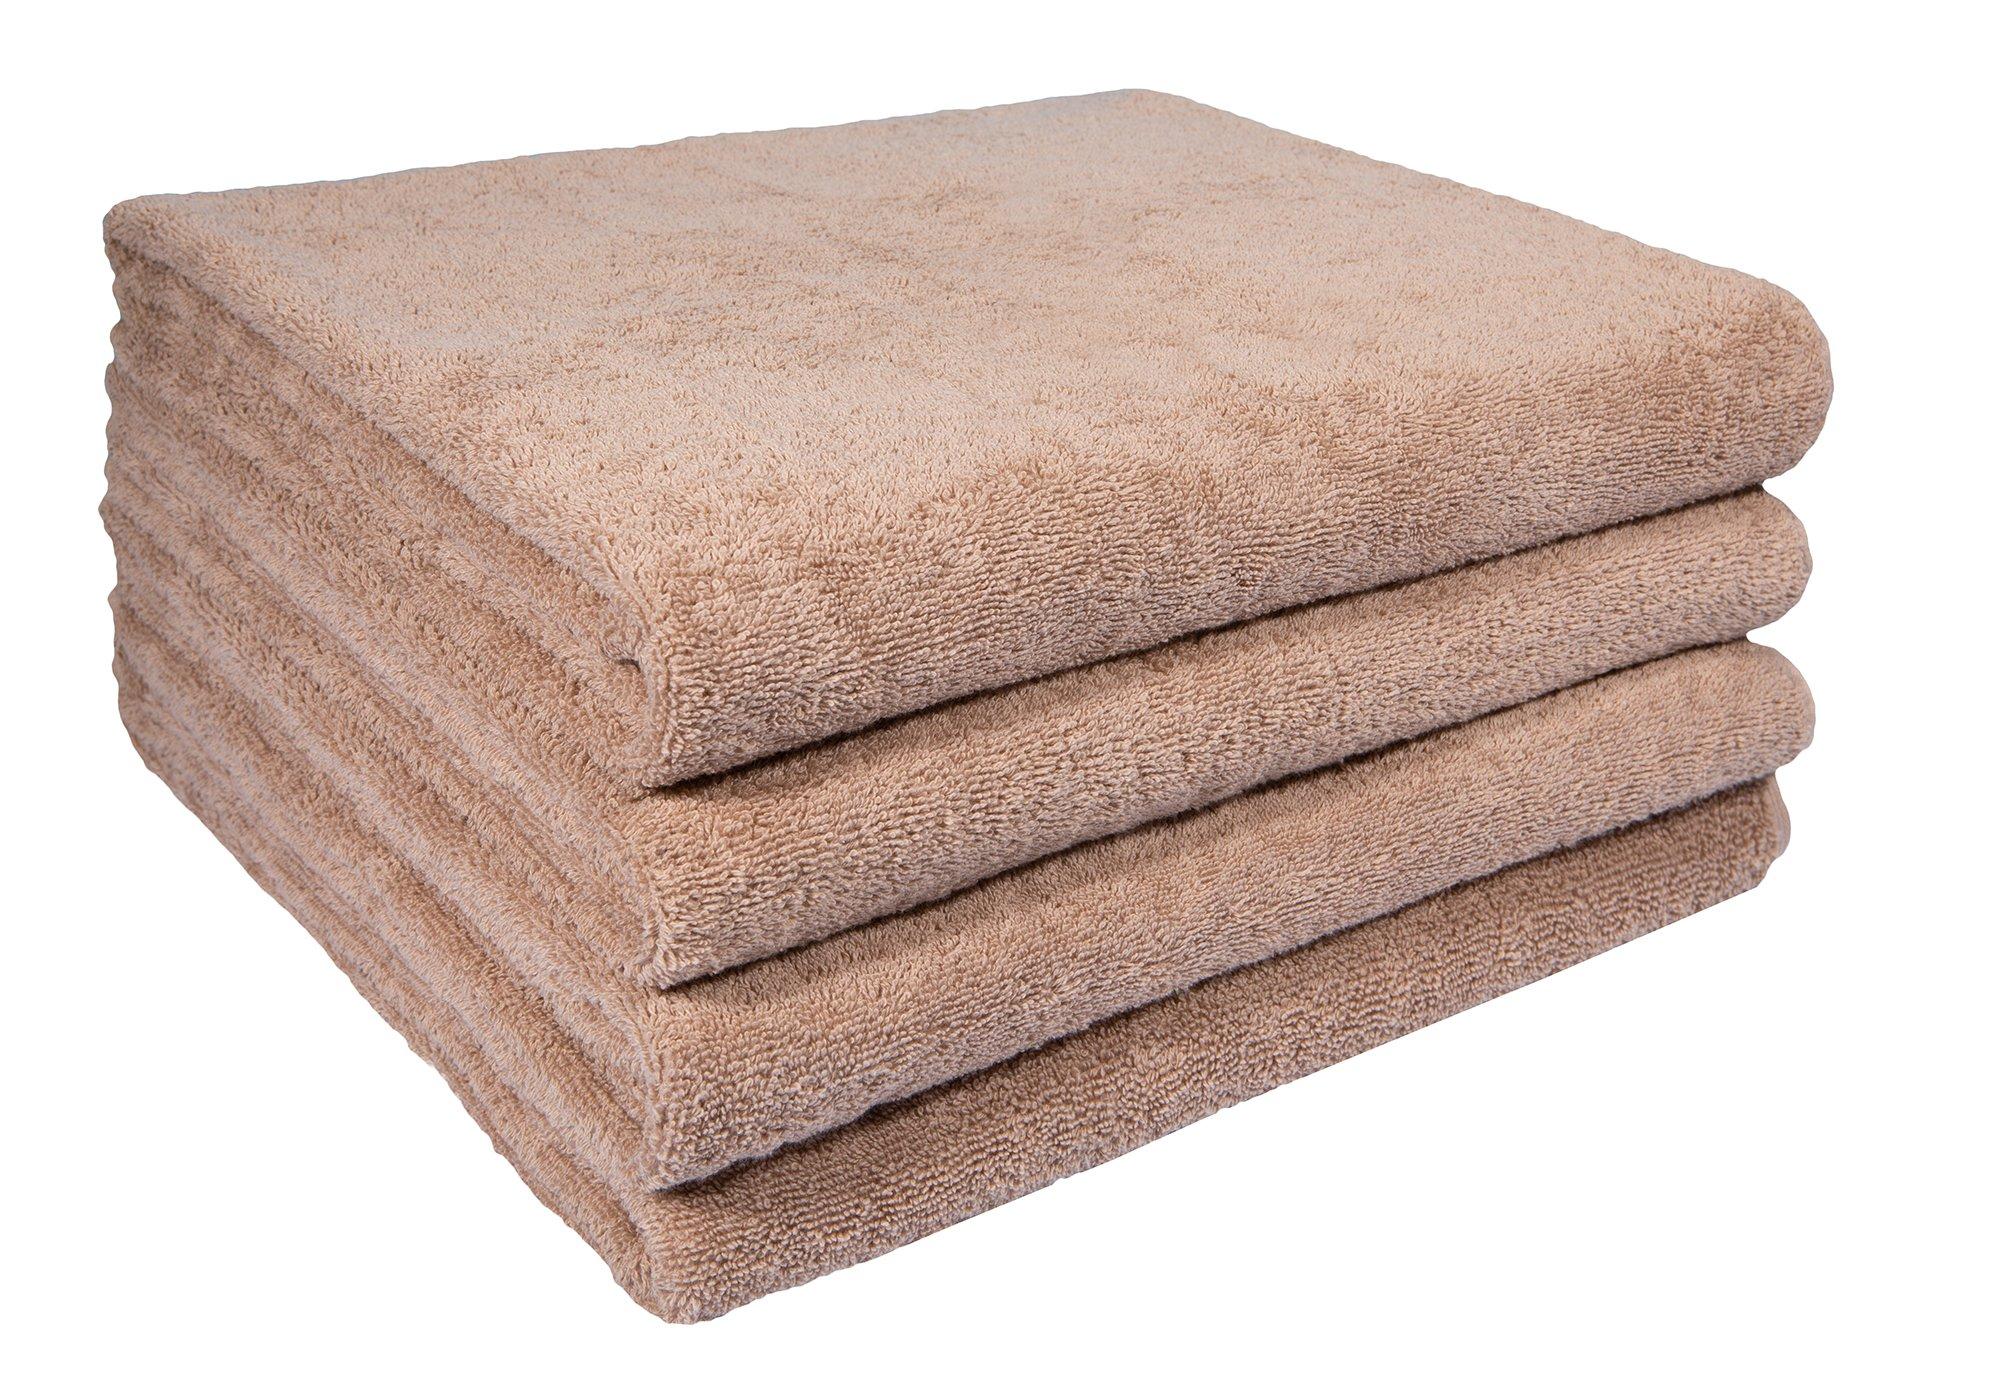 Home and Plan Quick Dry Premium 100% Turkish Cotton Bath Sheets | 4-Piece Set, Decorative Oversized Bath Towels (30x60) - Beige (S9)